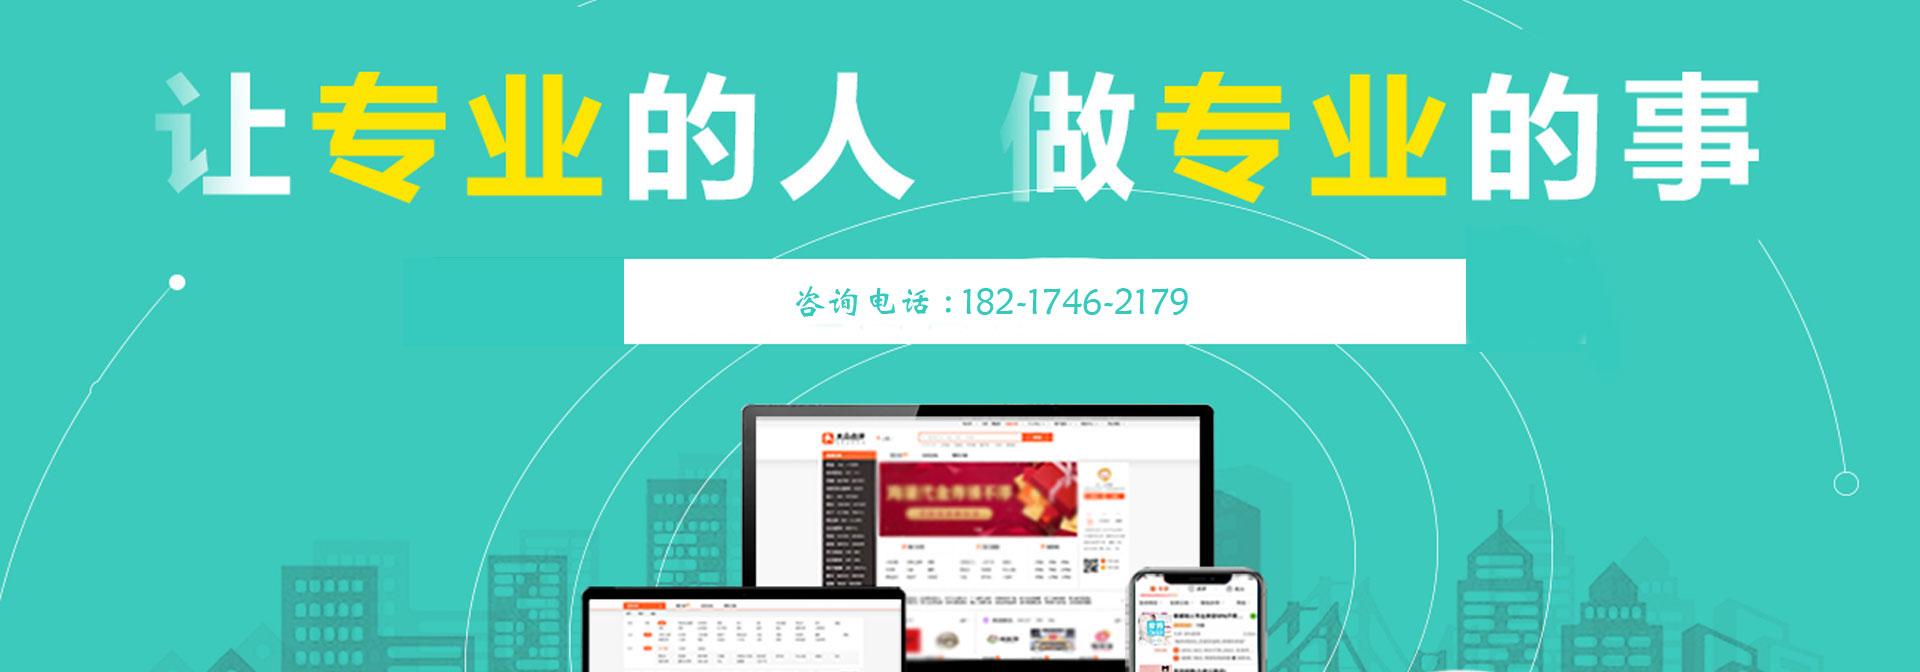 深圳大众点评代运营